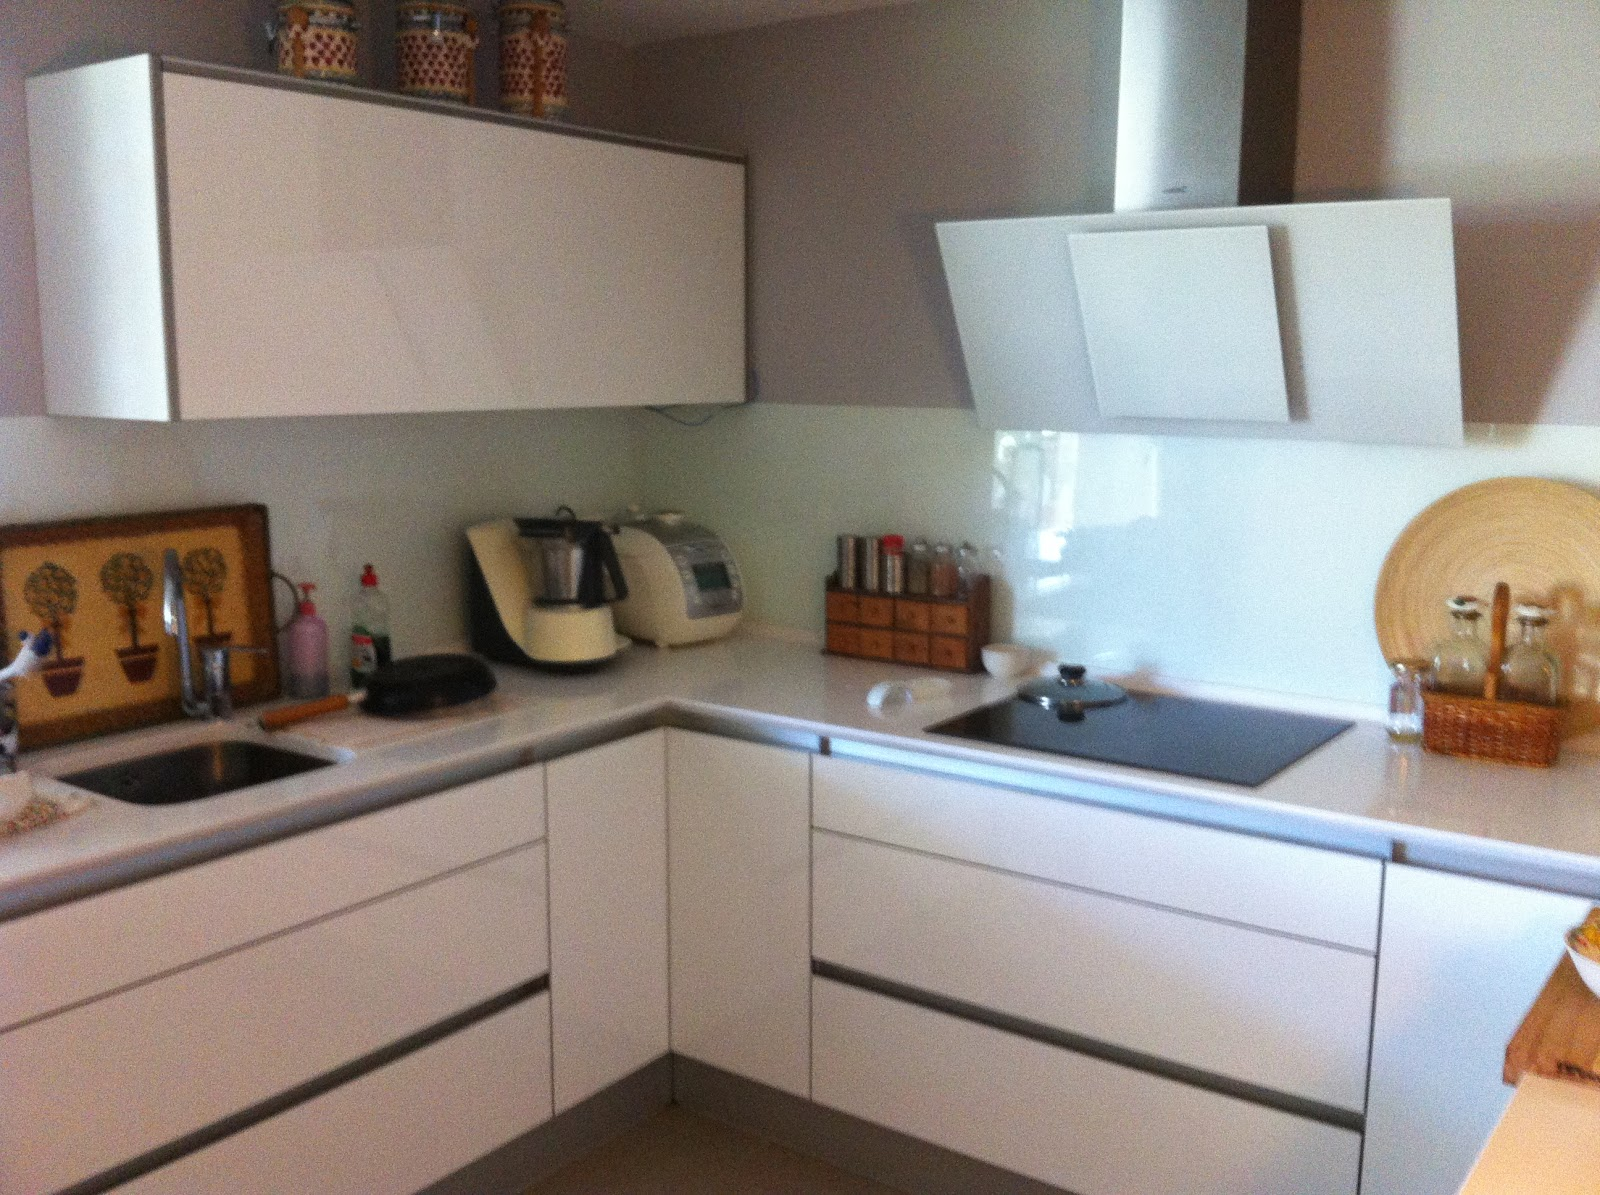 Formas almacen de cocinas cocina con o sin tiradores for Tiradores muebles cocina